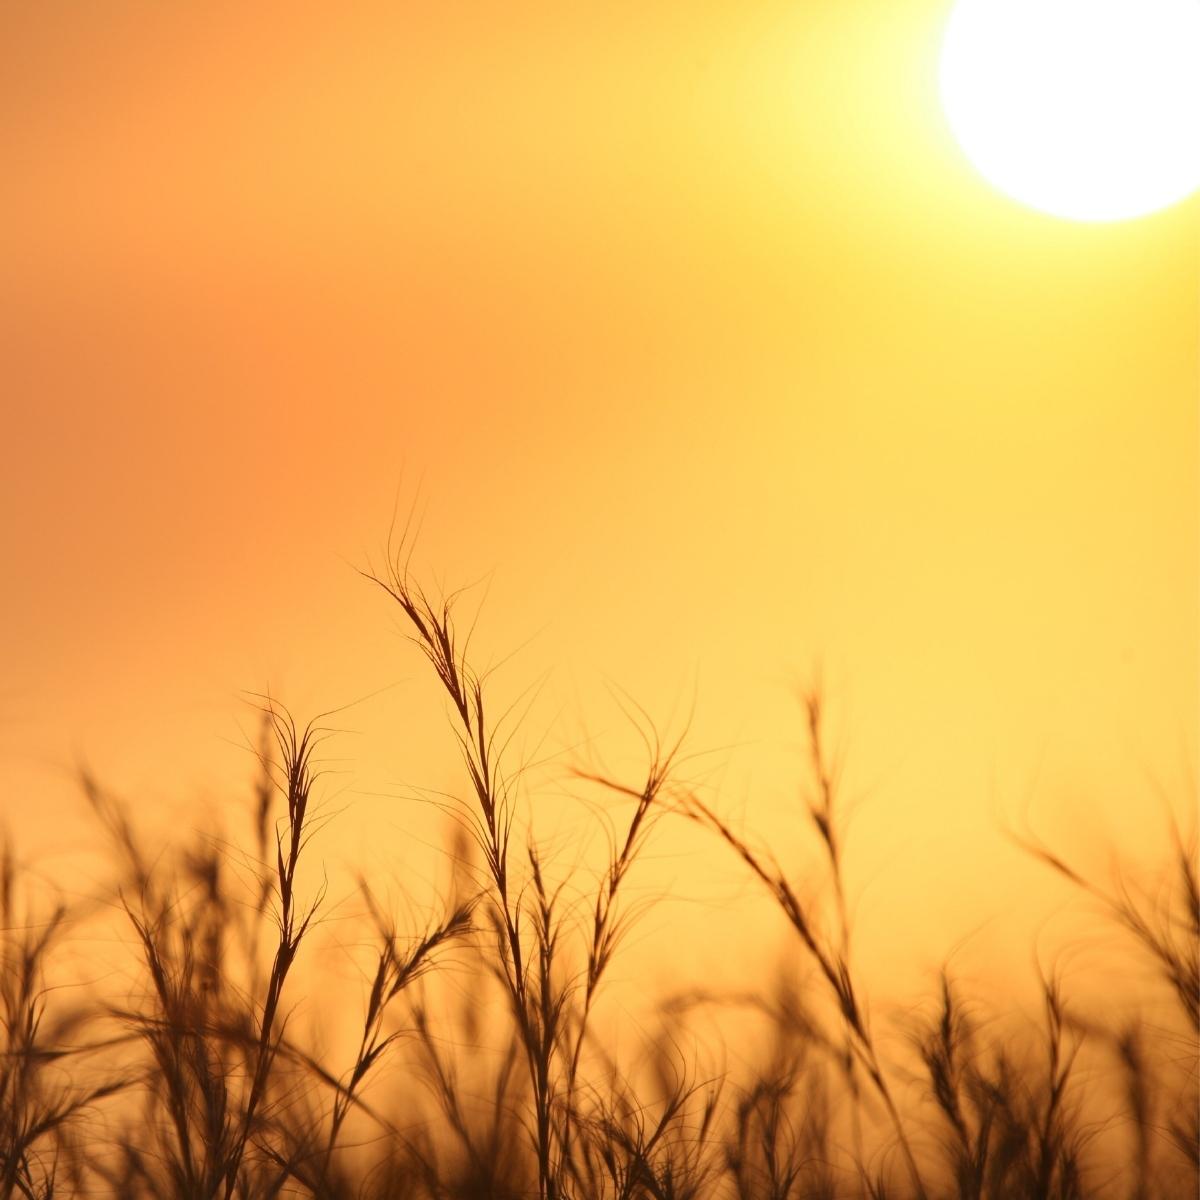 sunlight over wheat